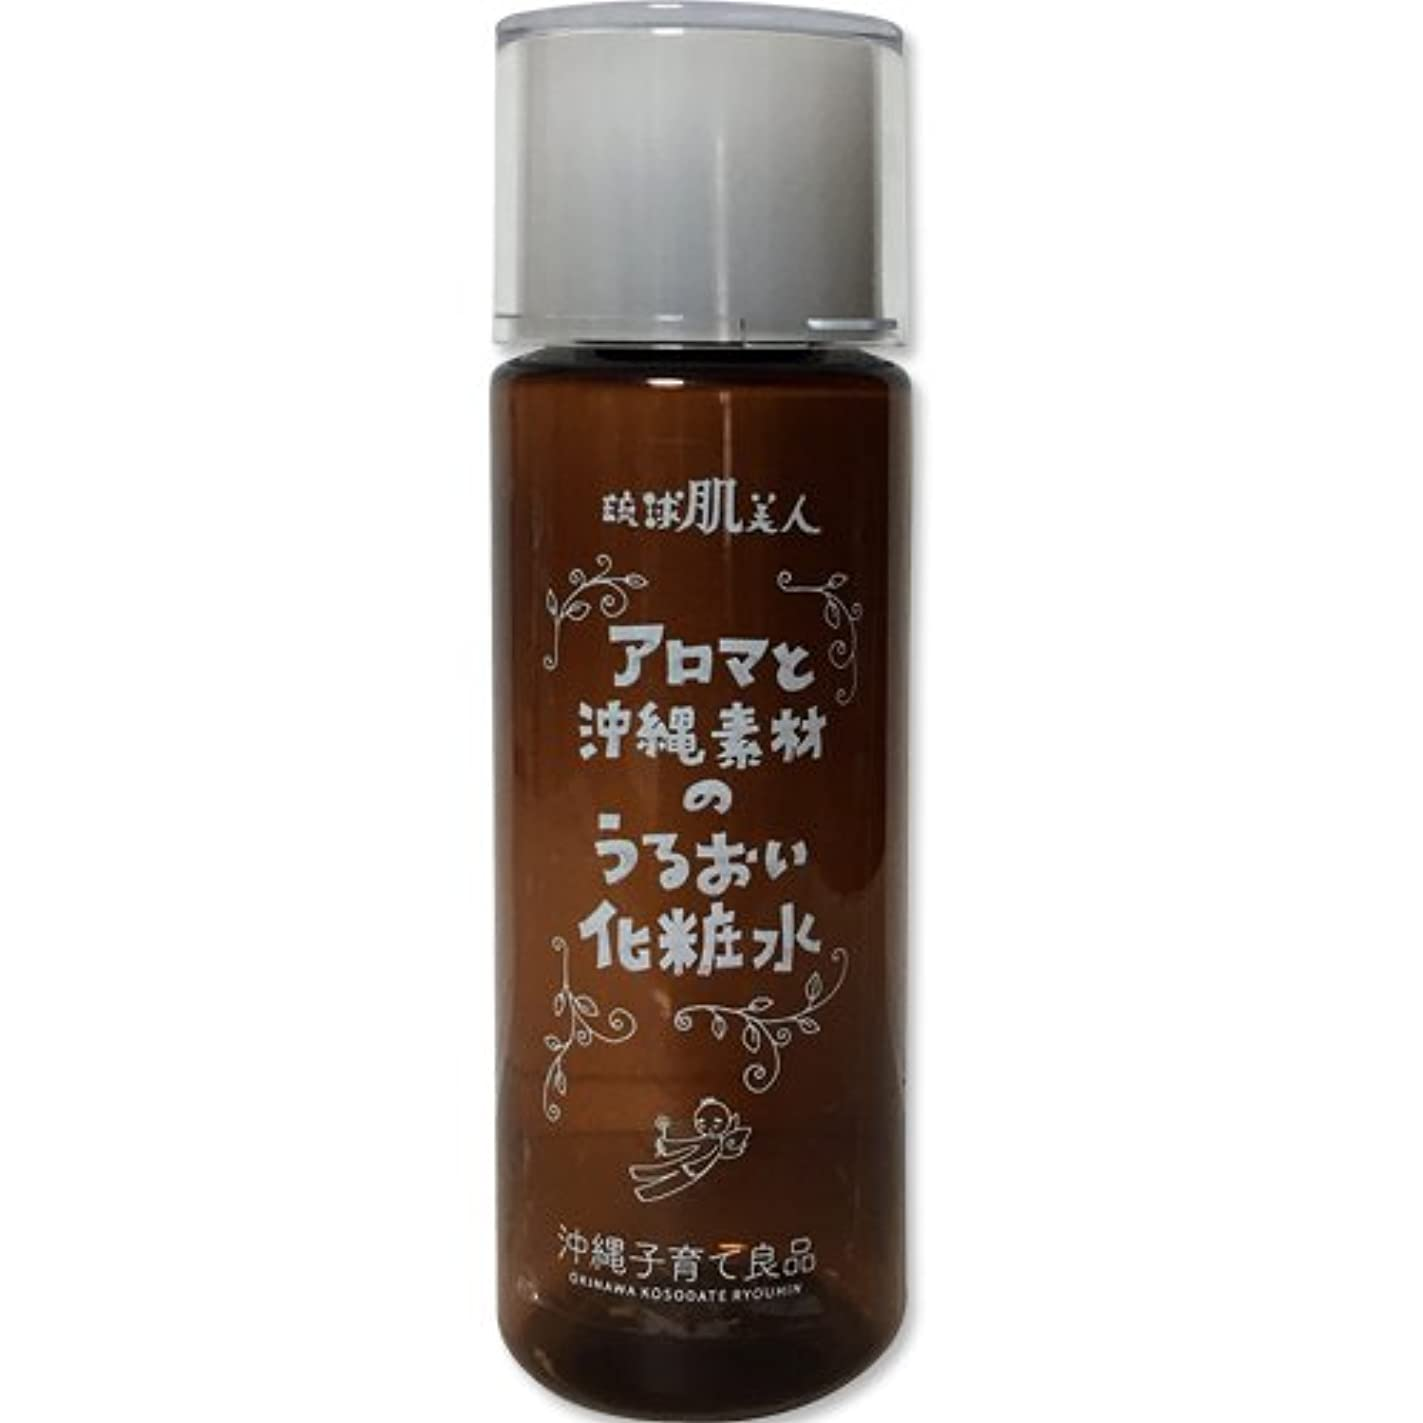 うなずく包囲ジョリー保湿 化粧水 無添加 アルコールフリー アロマと沖縄素材のうるおい化粧水 120ml